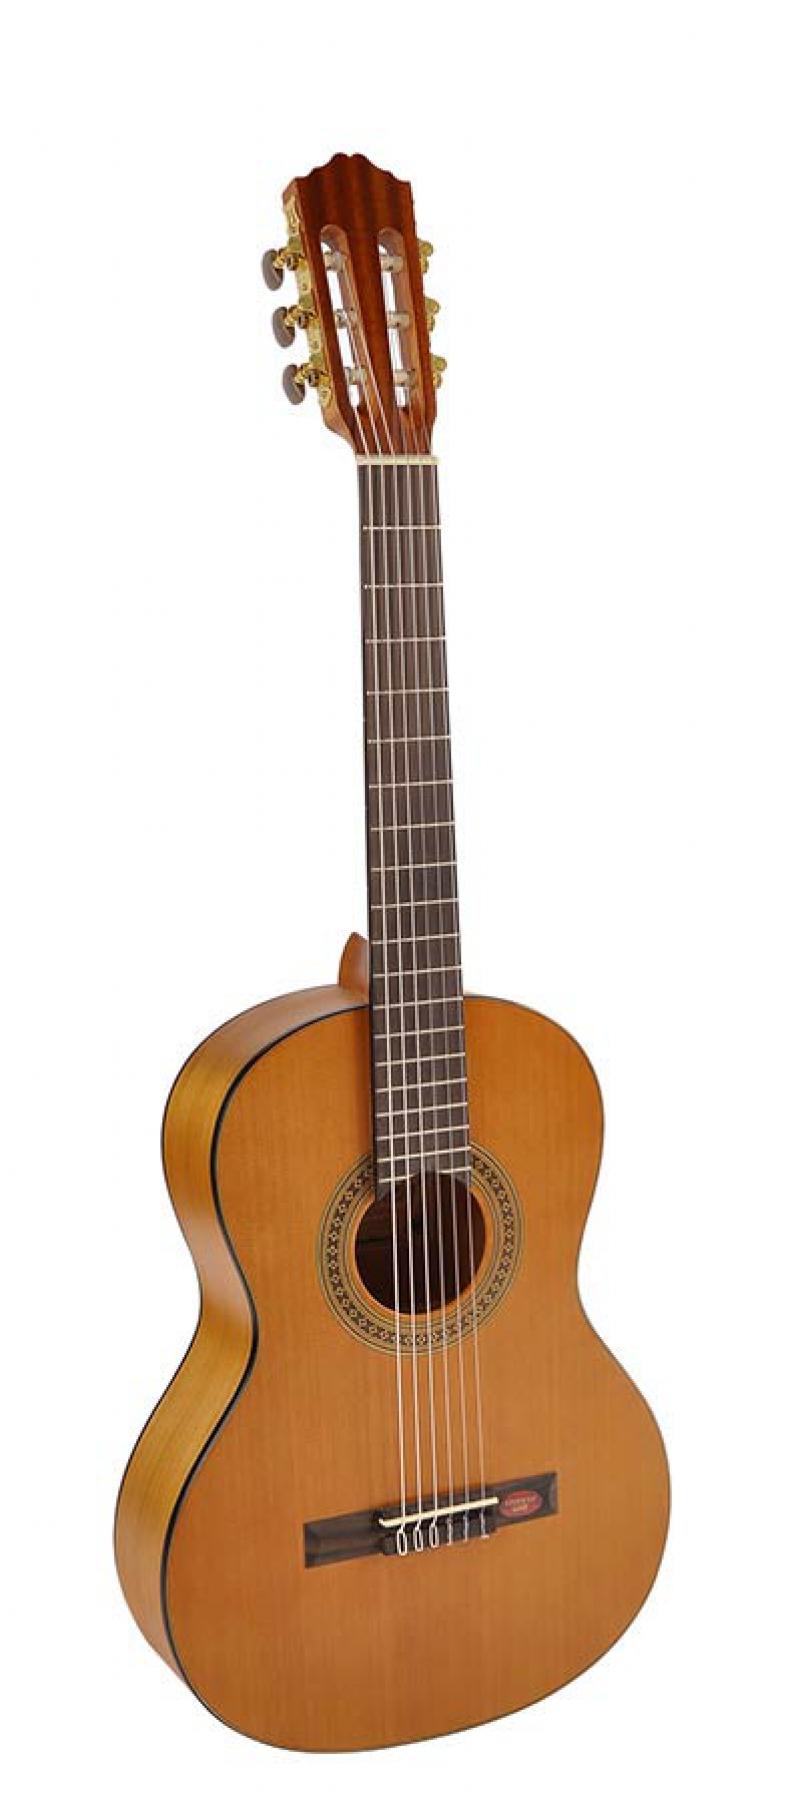 Salvador Cortez CC-06-JR klasiskā ģitāra